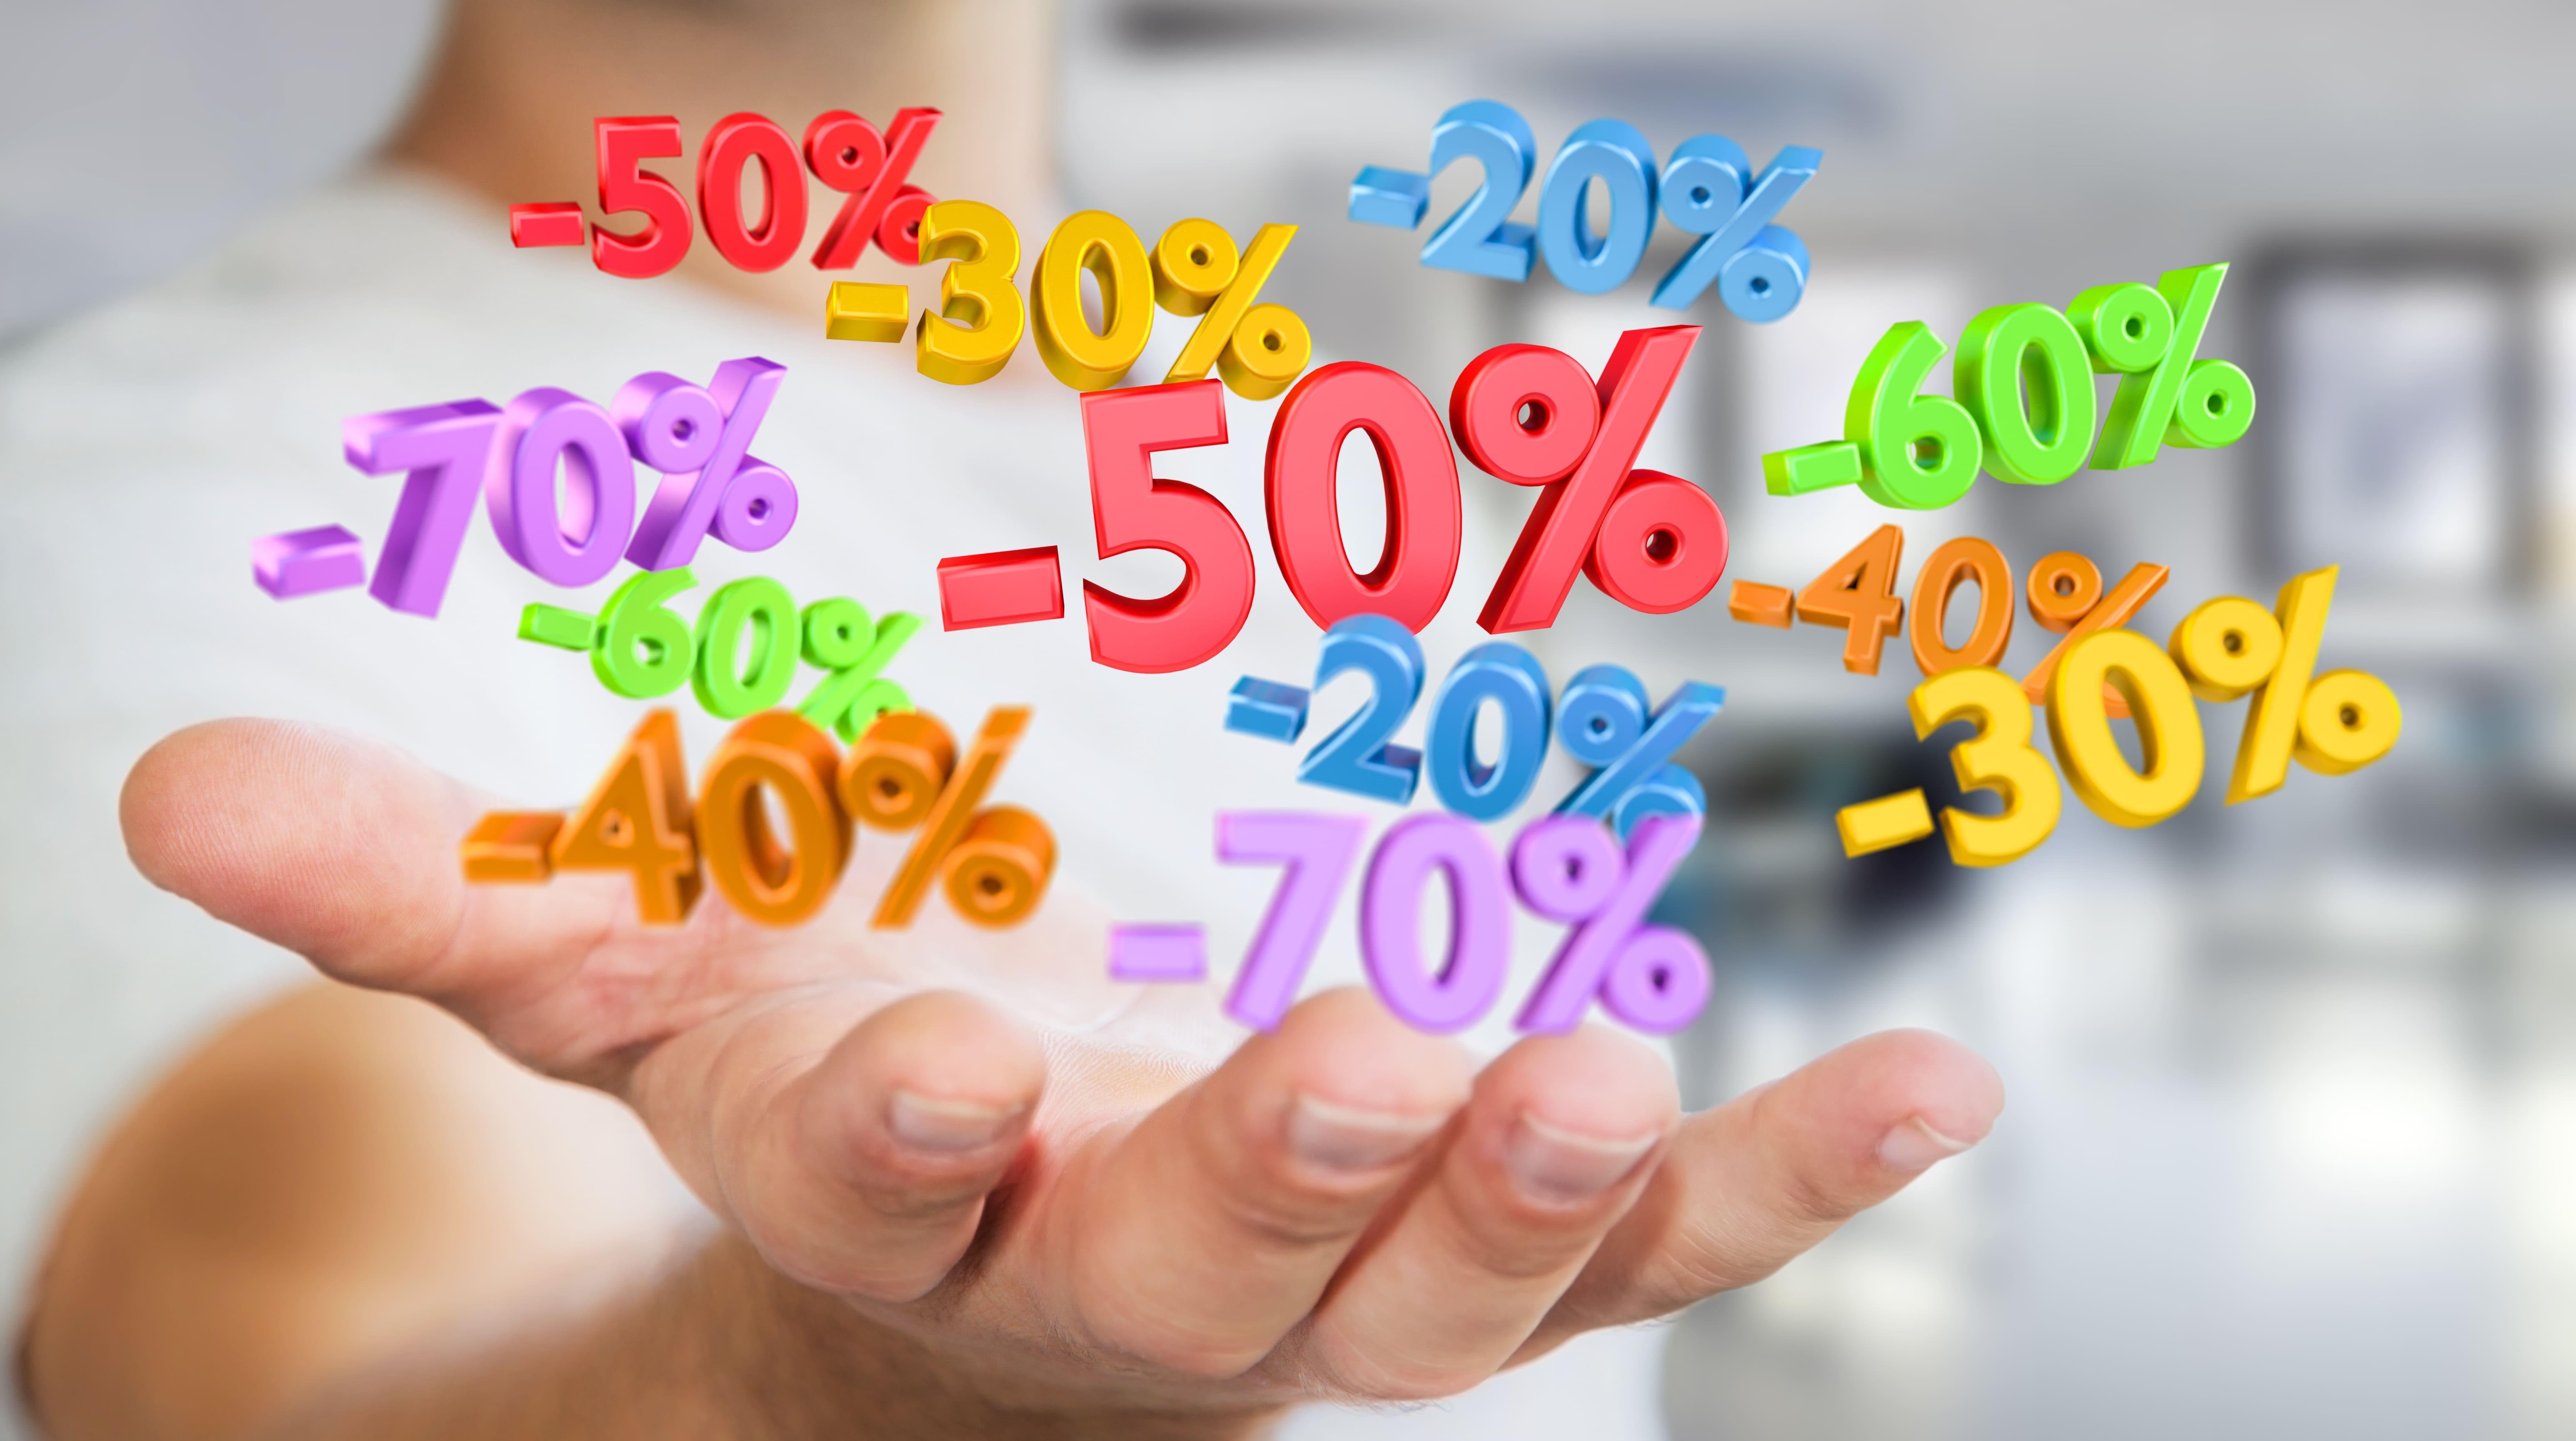 Cómo crear ofertas irresistibles: ¡Dispara tus ventas!